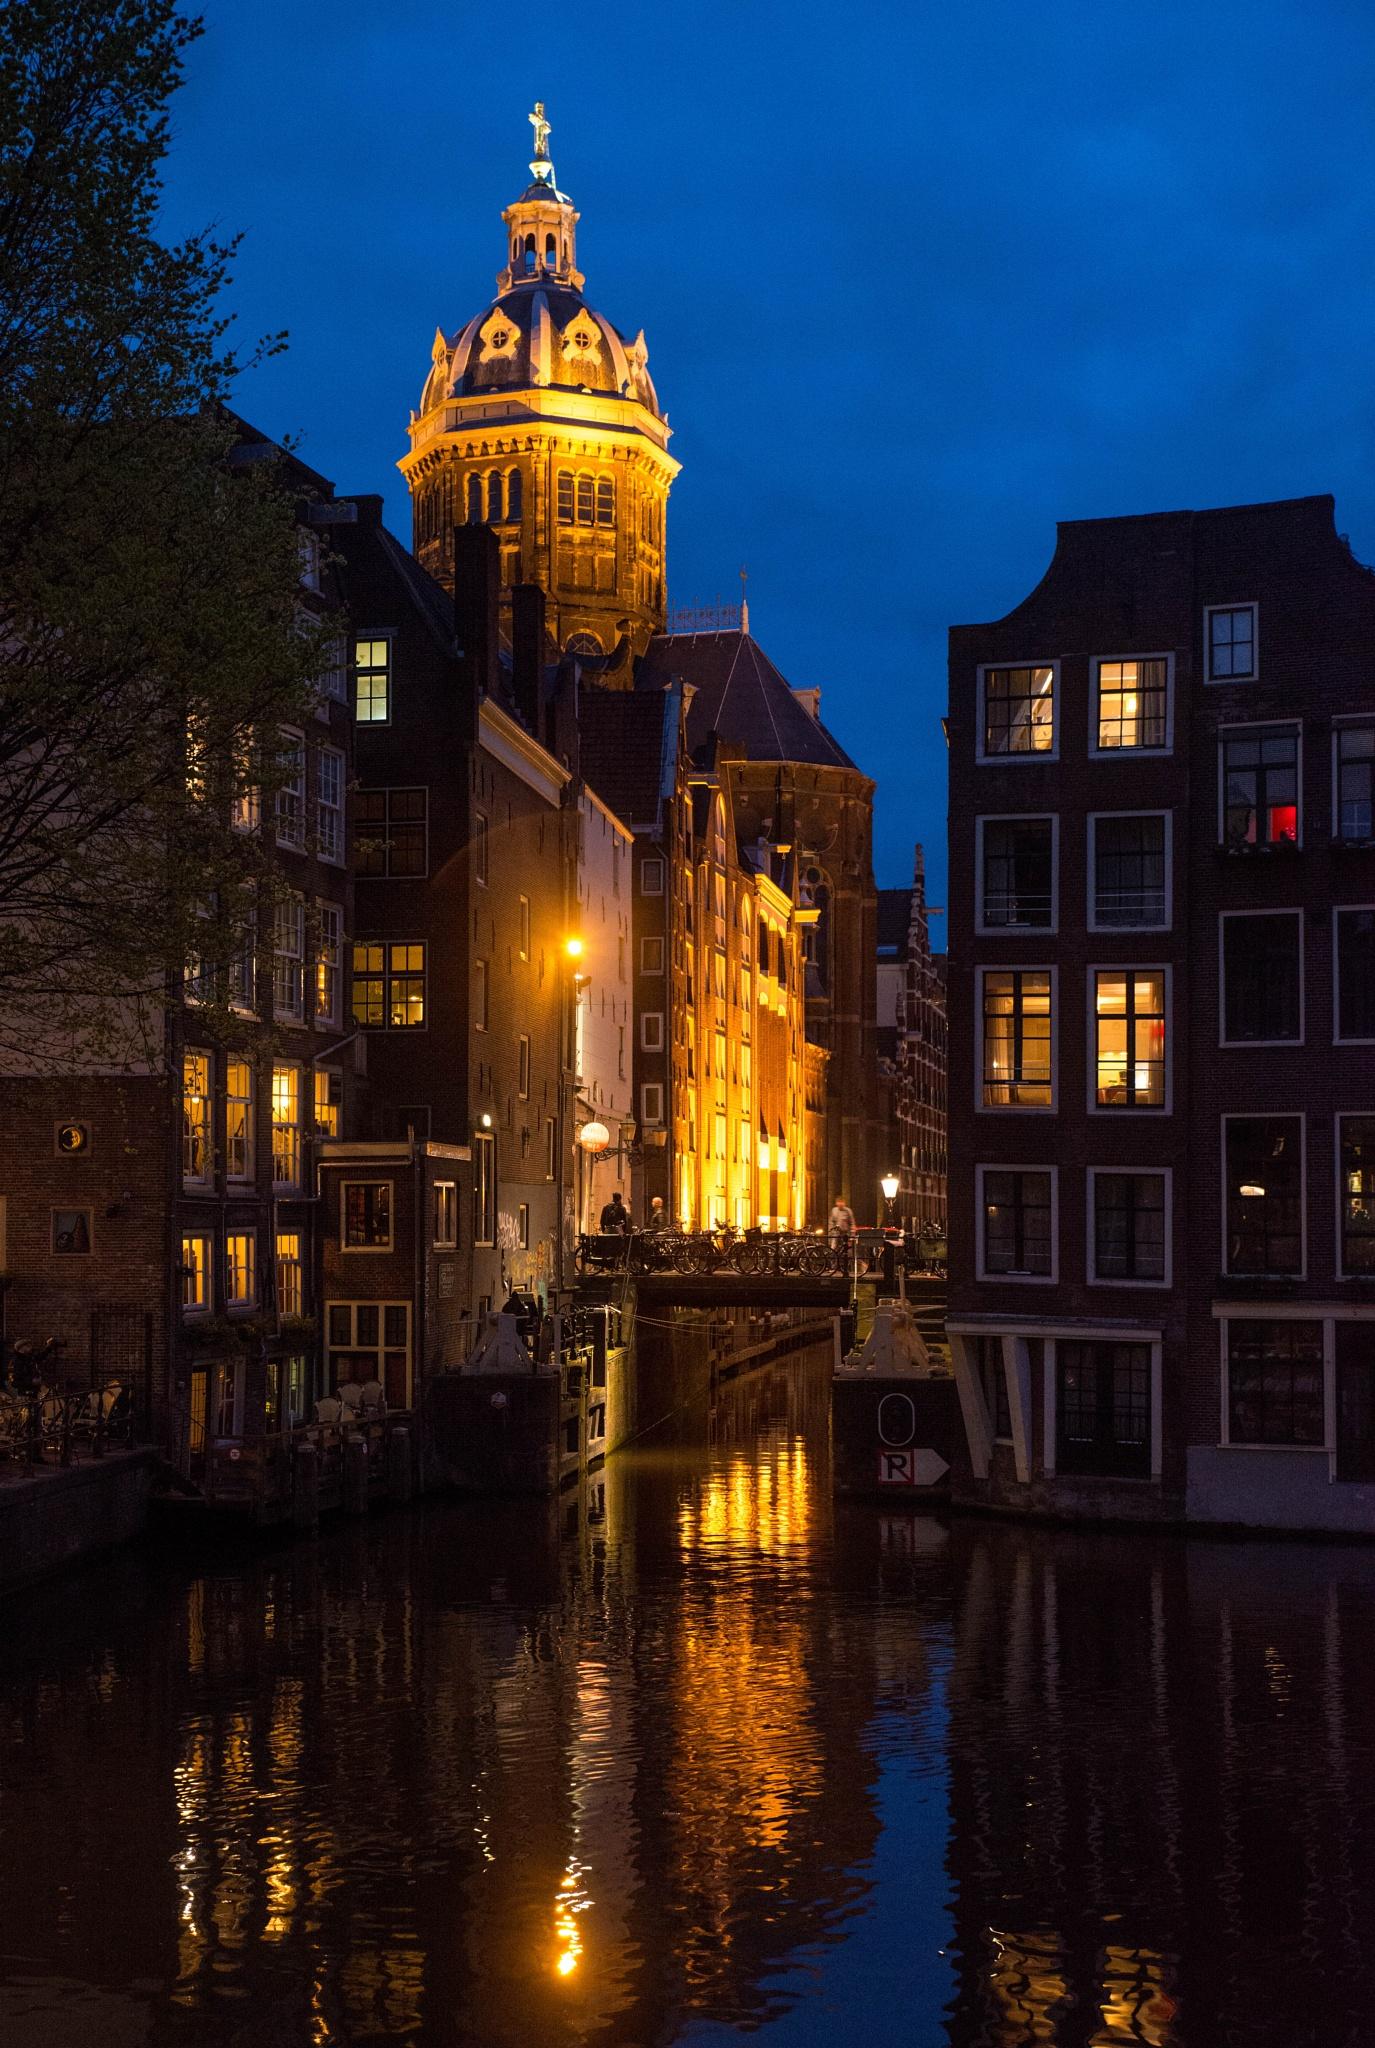 Amsterdam at night by David Guo